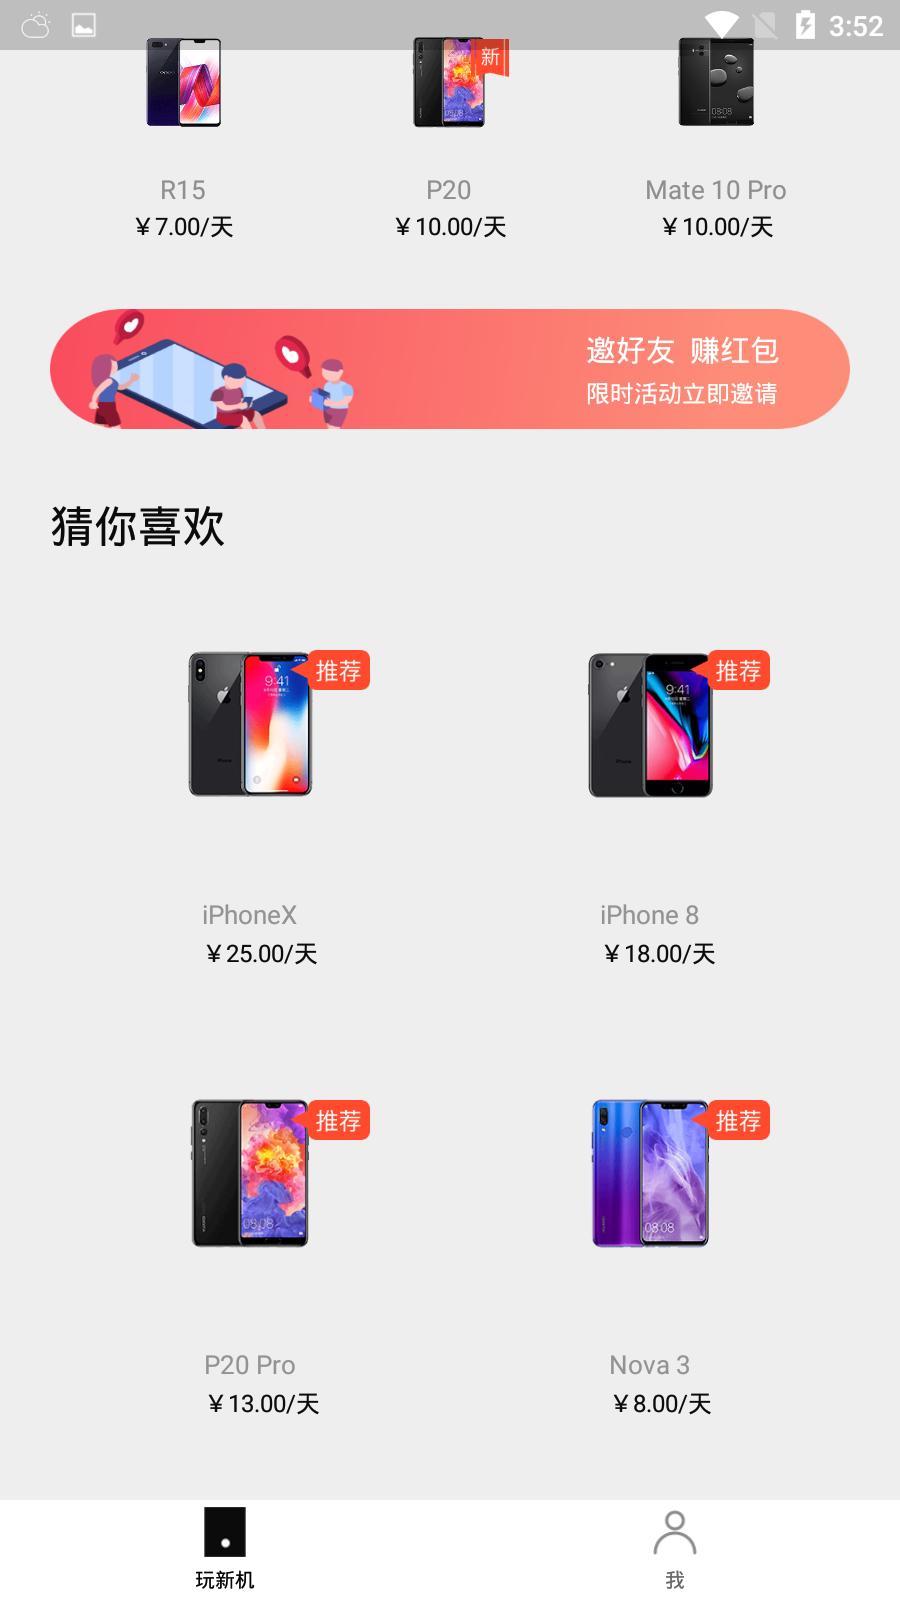 换新/续租/启动任您选;【机型丰富】iphone,三星,华为,电源小米苹果v机型手机怎么买断图片